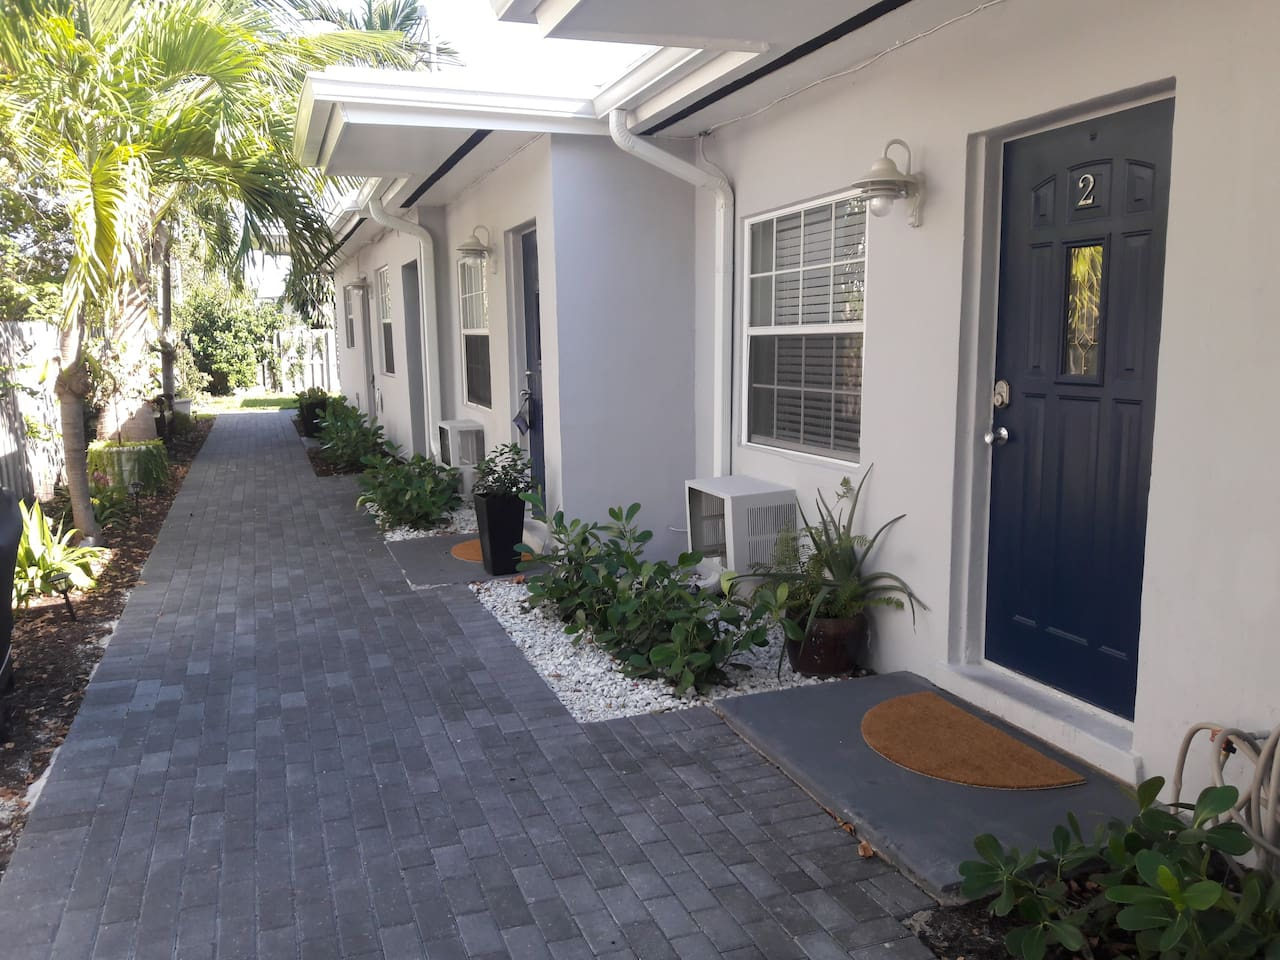 Here's the walkway to your front door